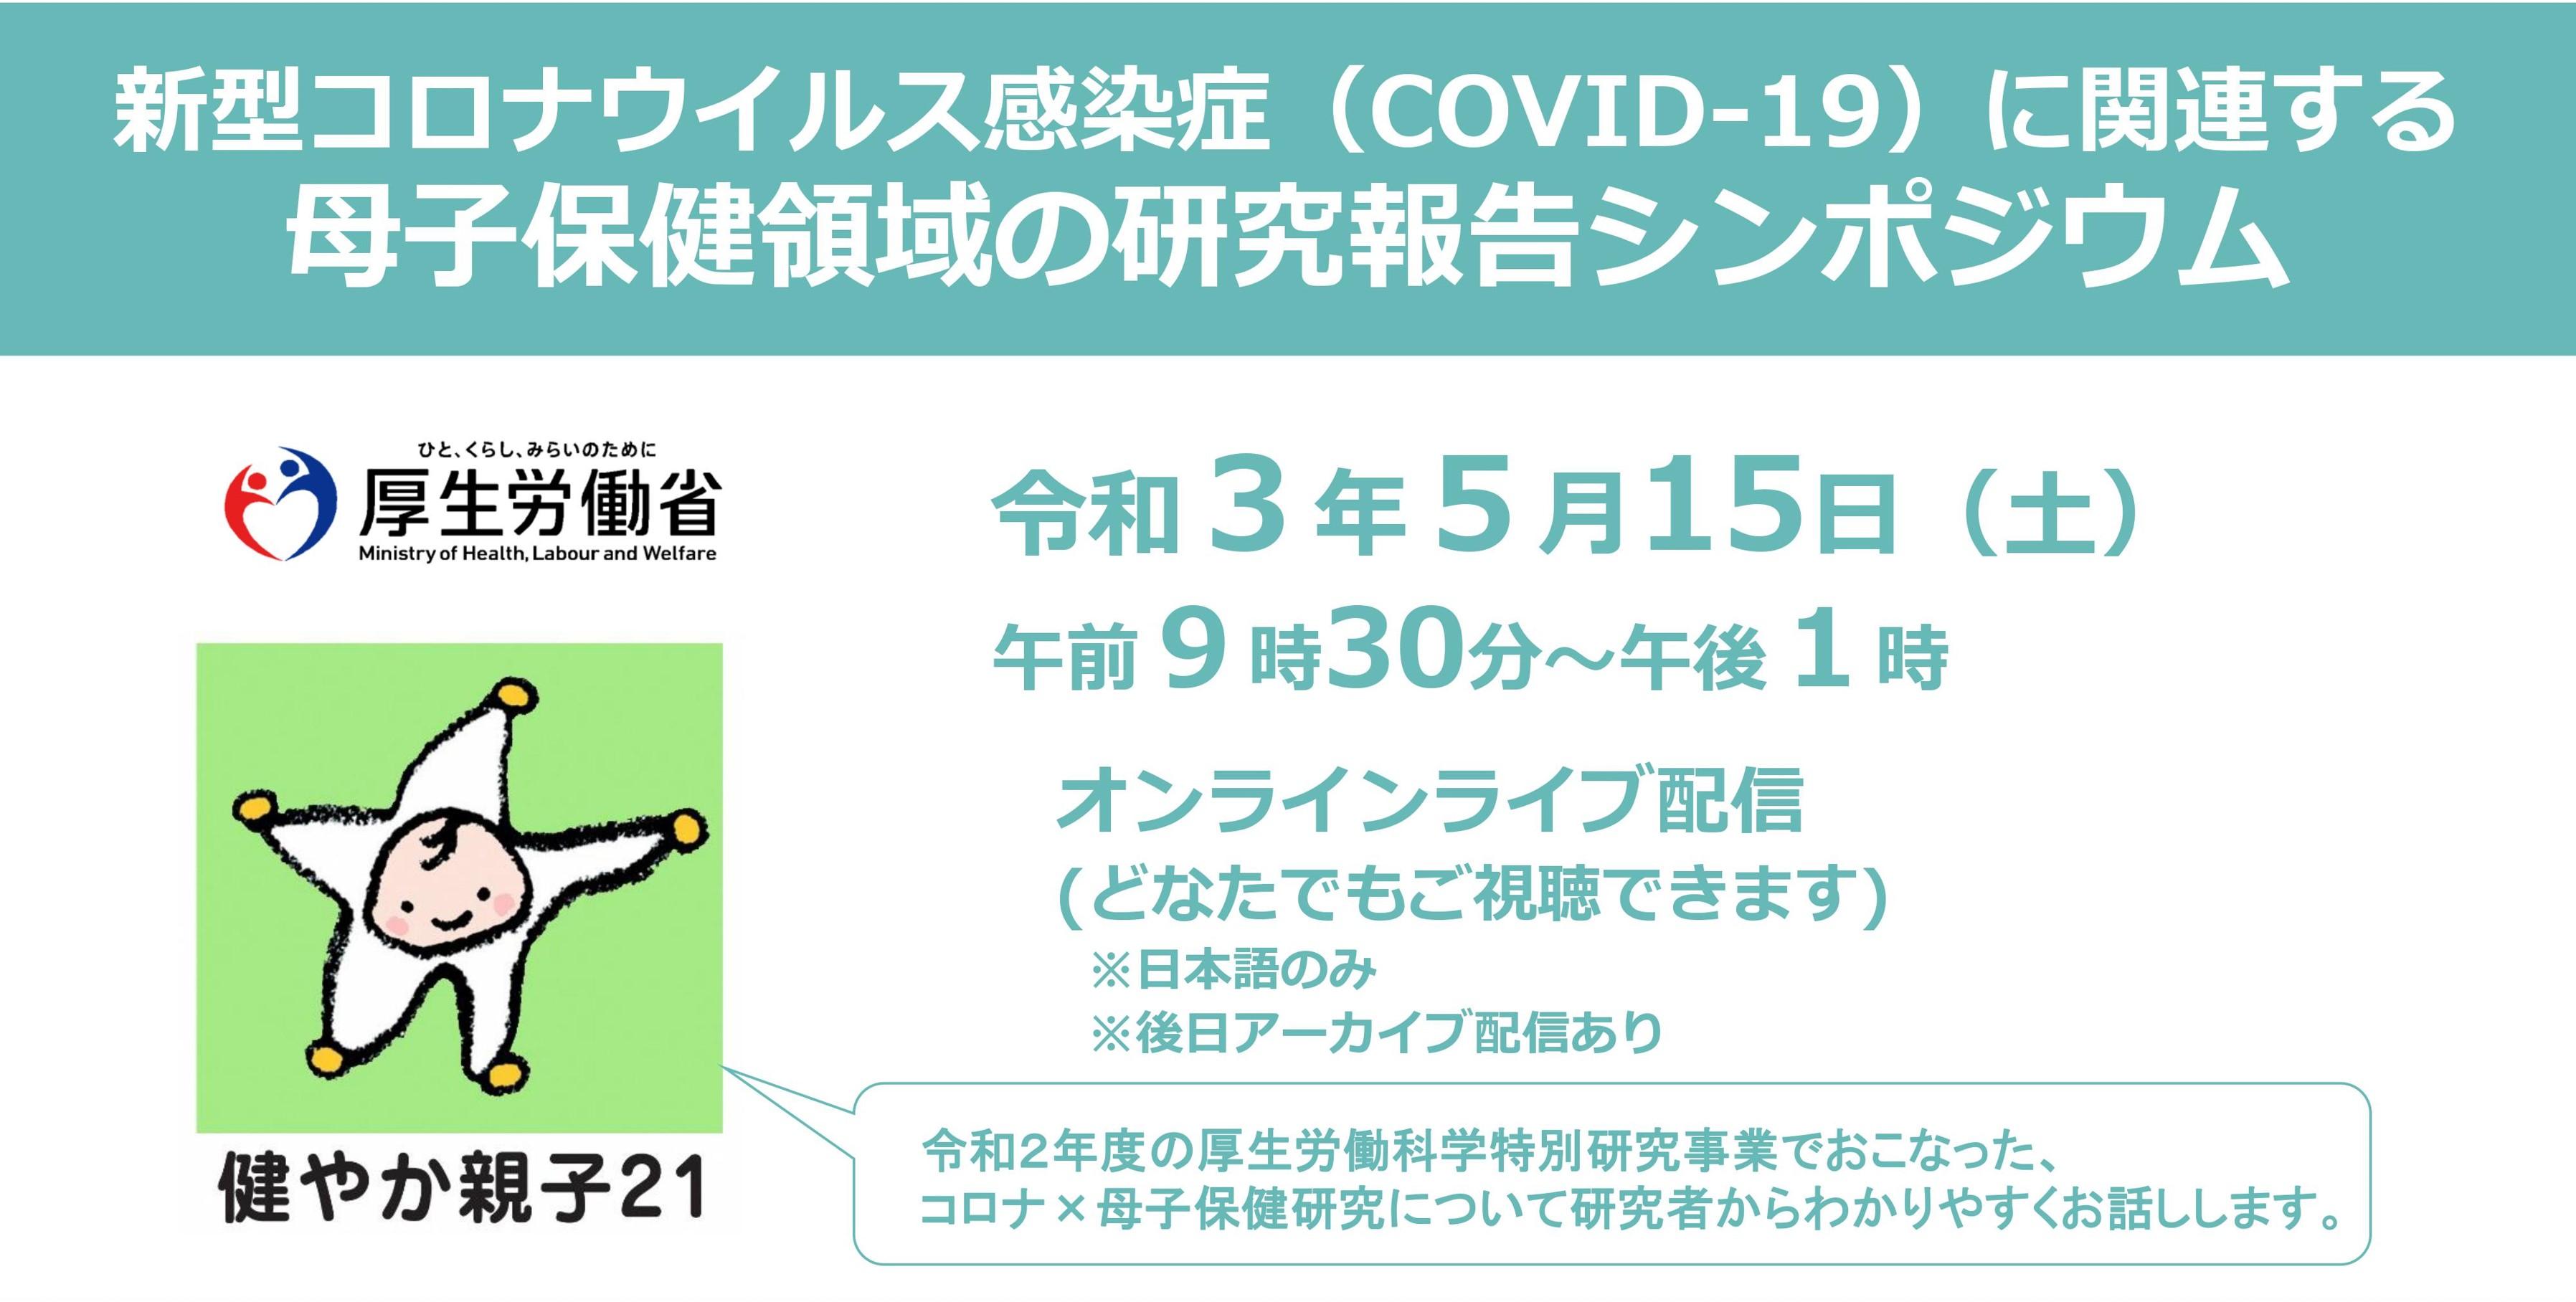 新型コロナウイルス感染症(COVID-19)に関連する母子保健領域の研究報告シンポジウム